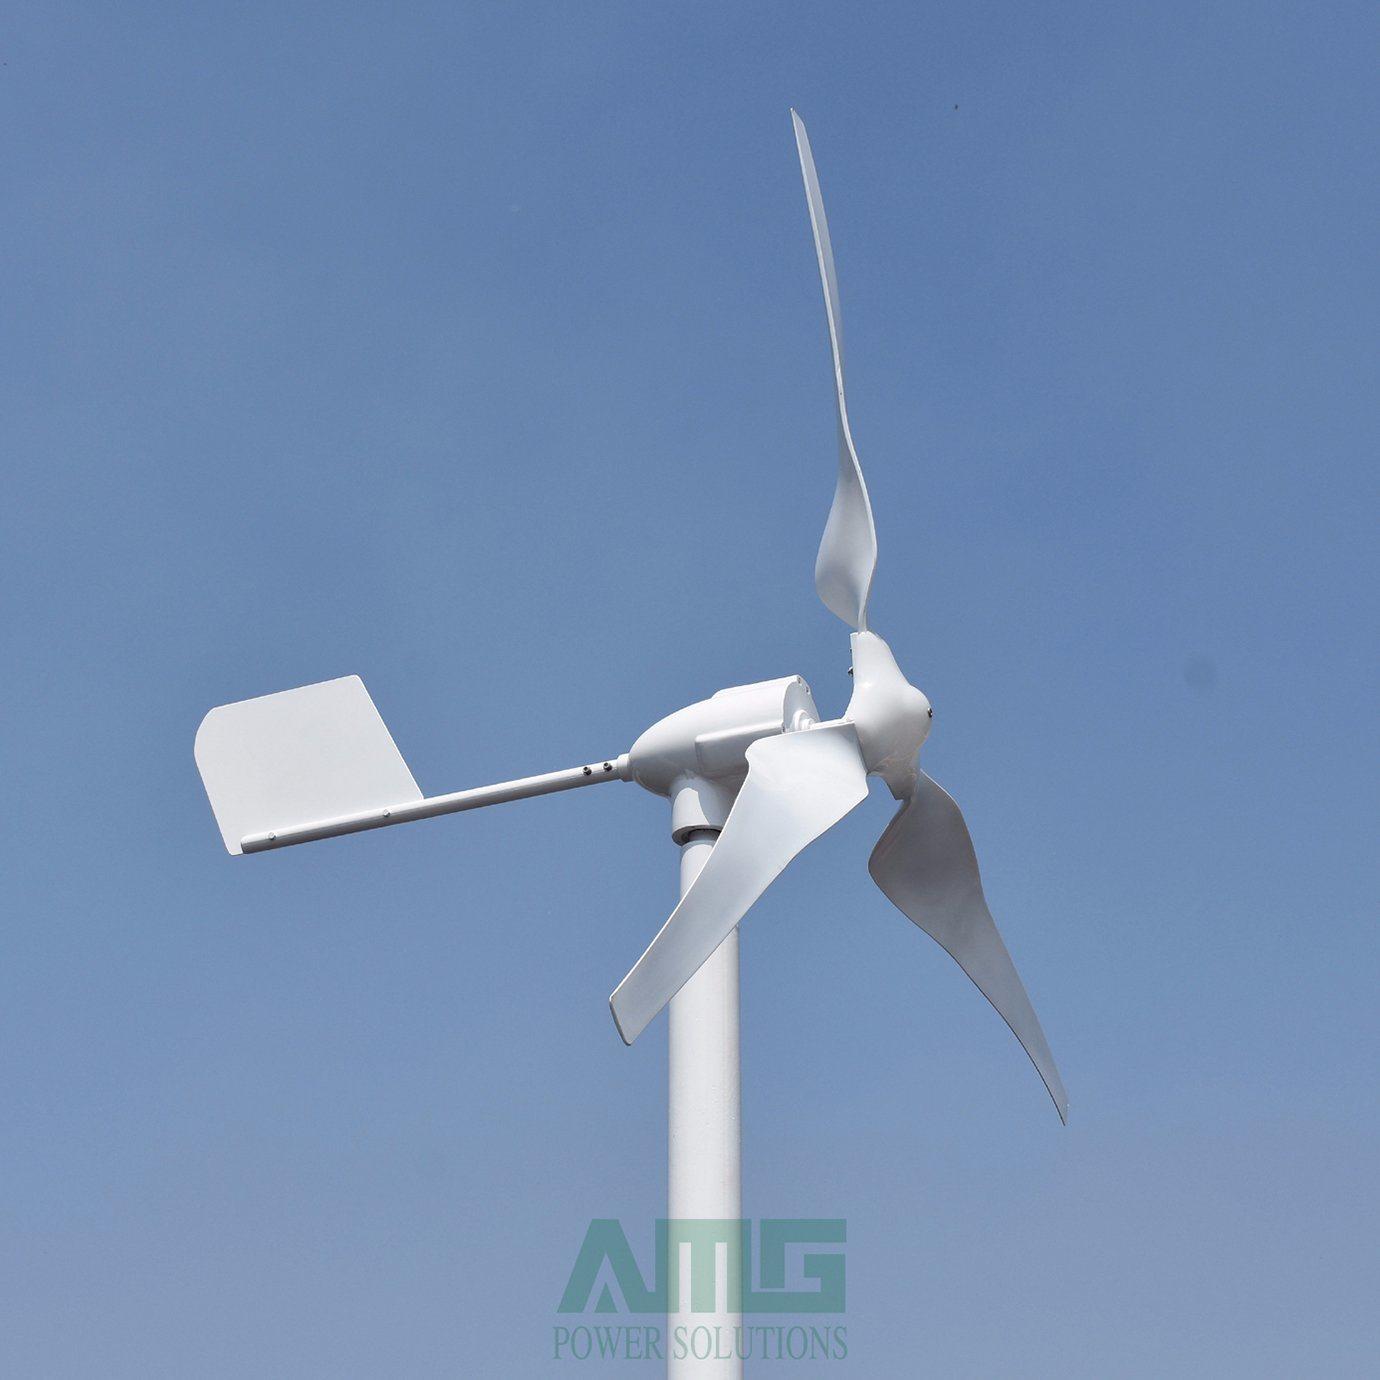 Chine 600W Génératrice Éolienne De Petite Maison Kit Avec ... destiné Petite Éolienne De Jardin